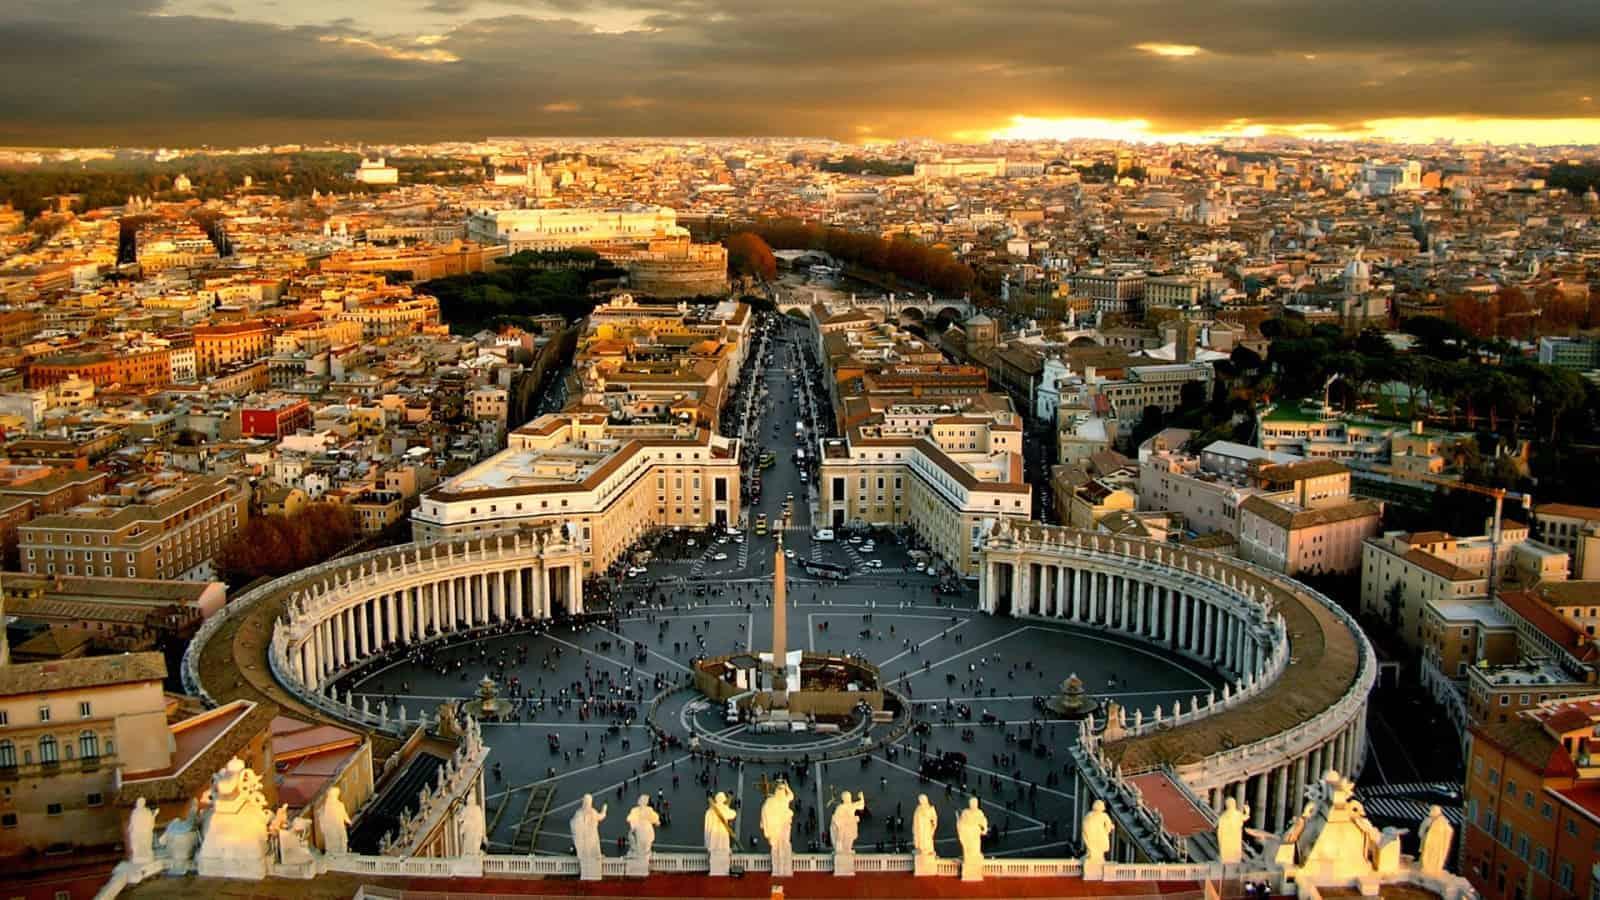 اهم الاماكن السياحية ايطاليا رومااهم الاماكن السياحية ايطاليا روما